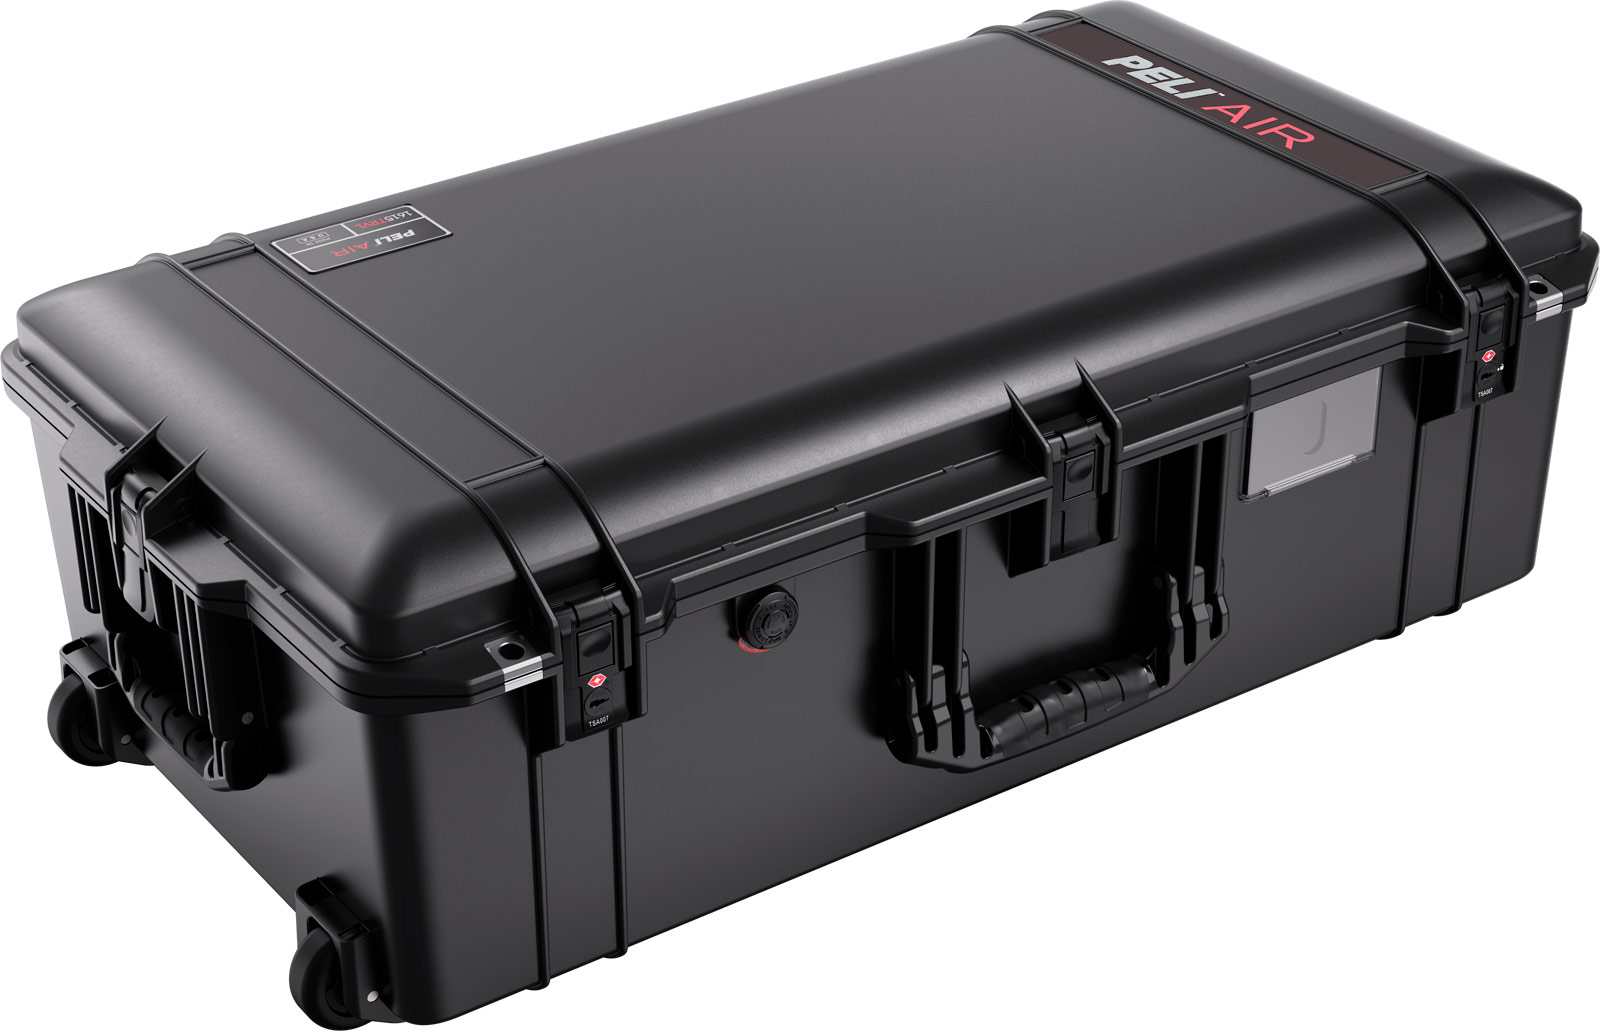 peli 1615 air travel case